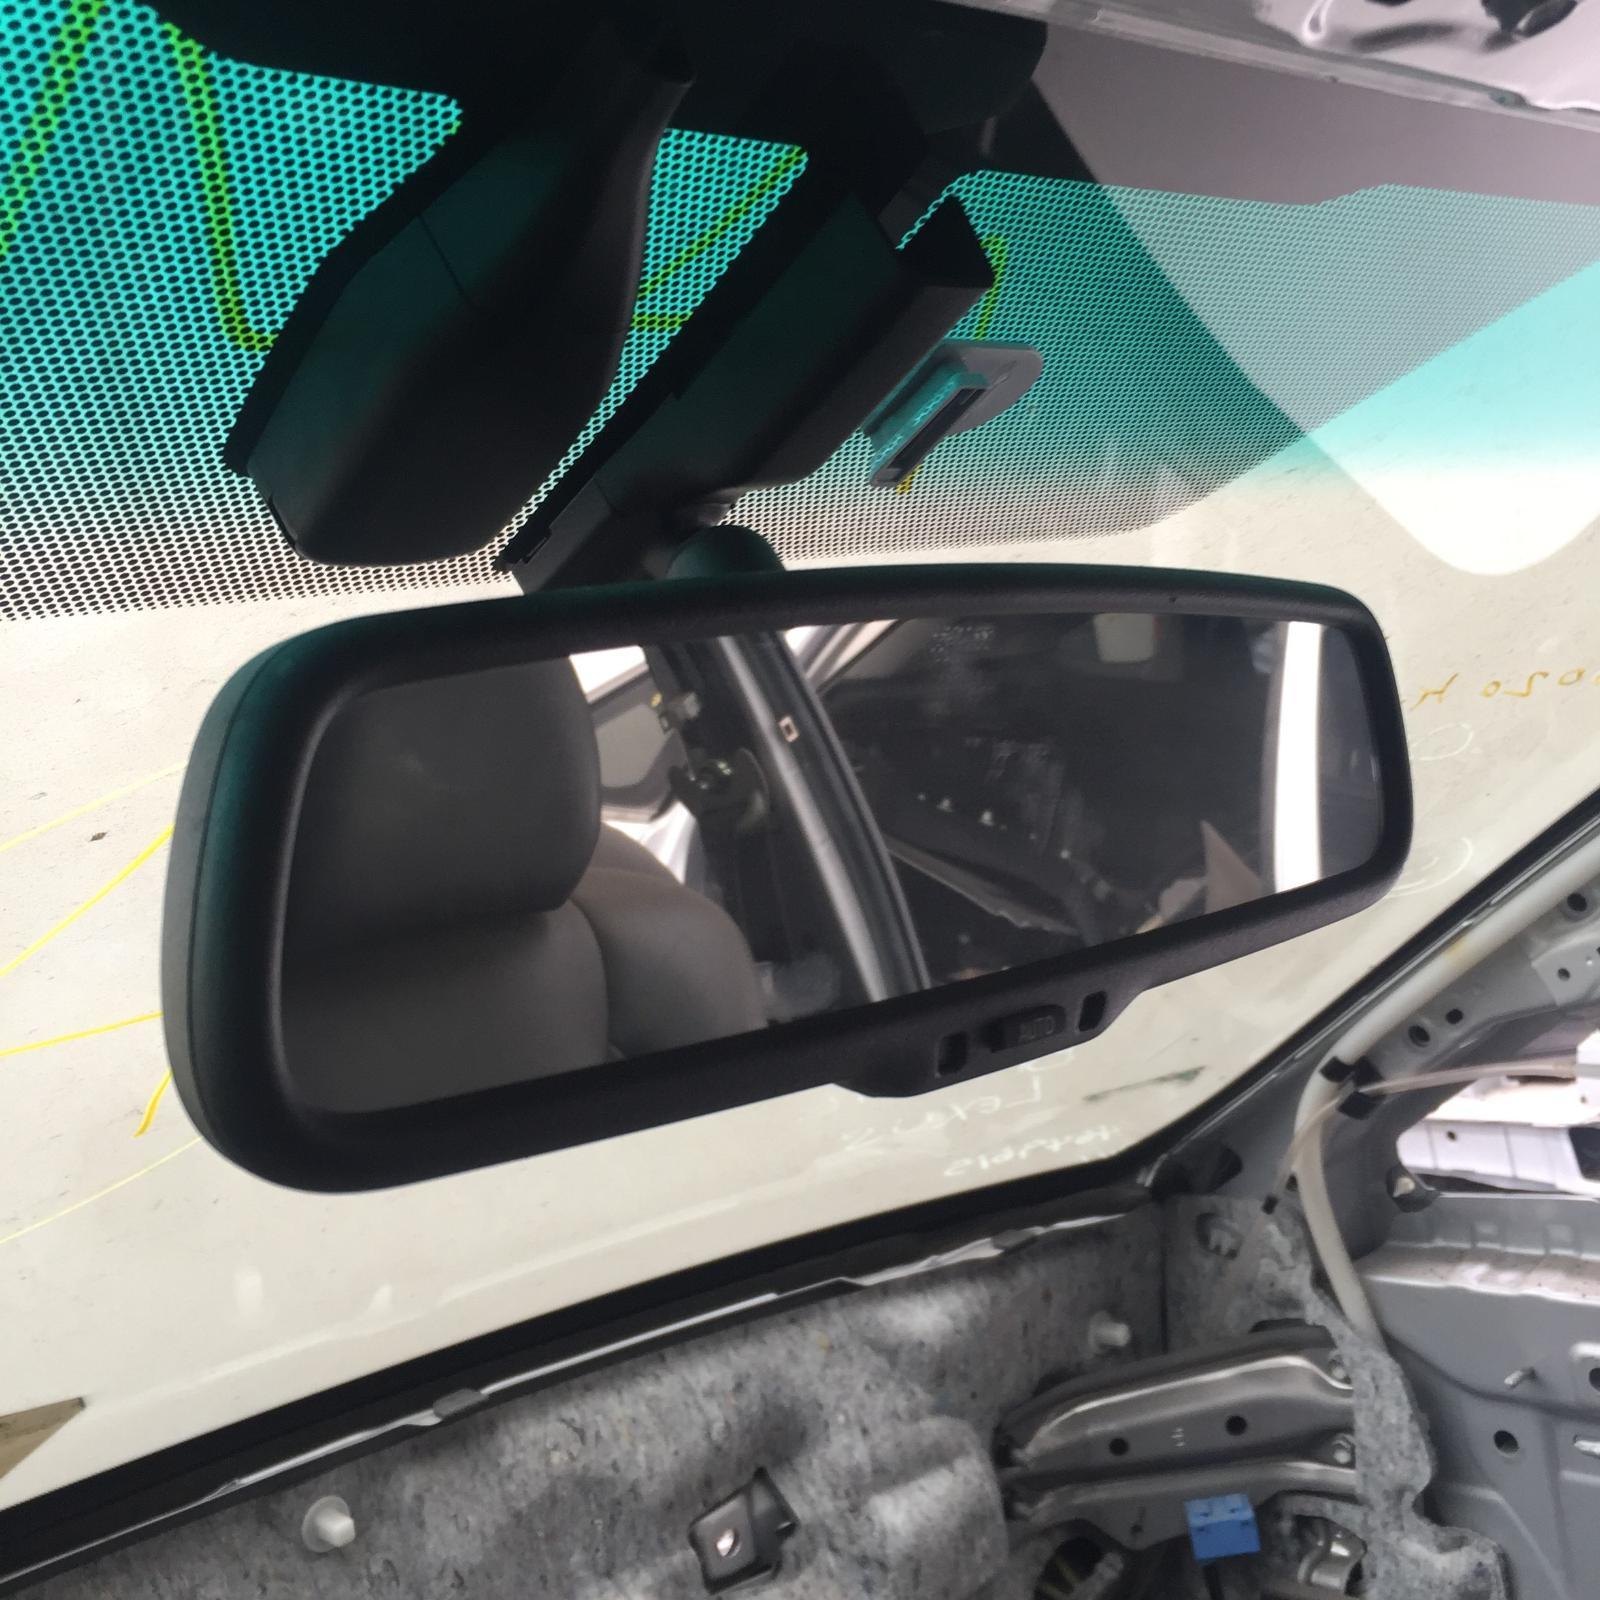 LEXUS RX SERIES, Interior Mirror, AL10, 03/09-09/15